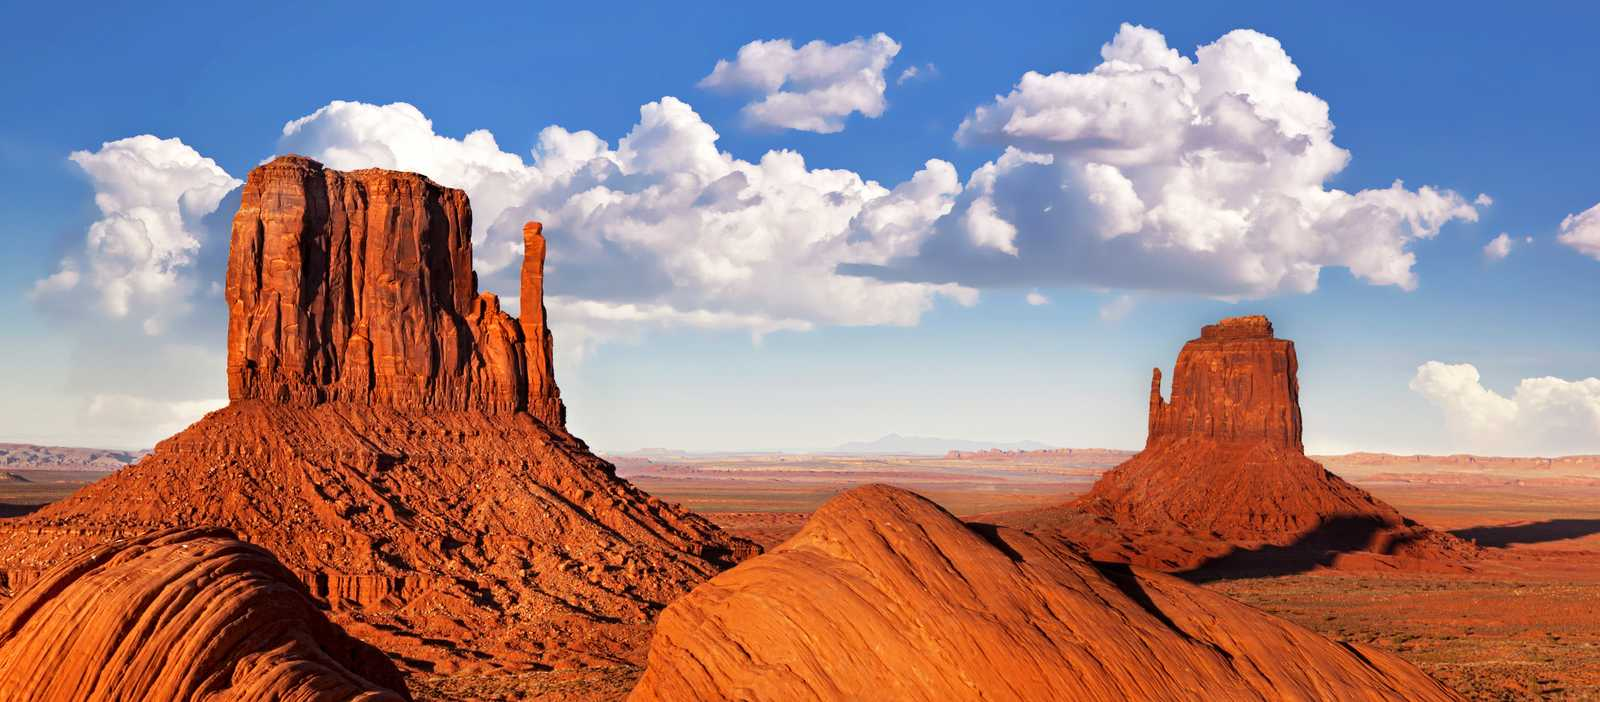 Die einzigartige Landschaft des Monument Valley